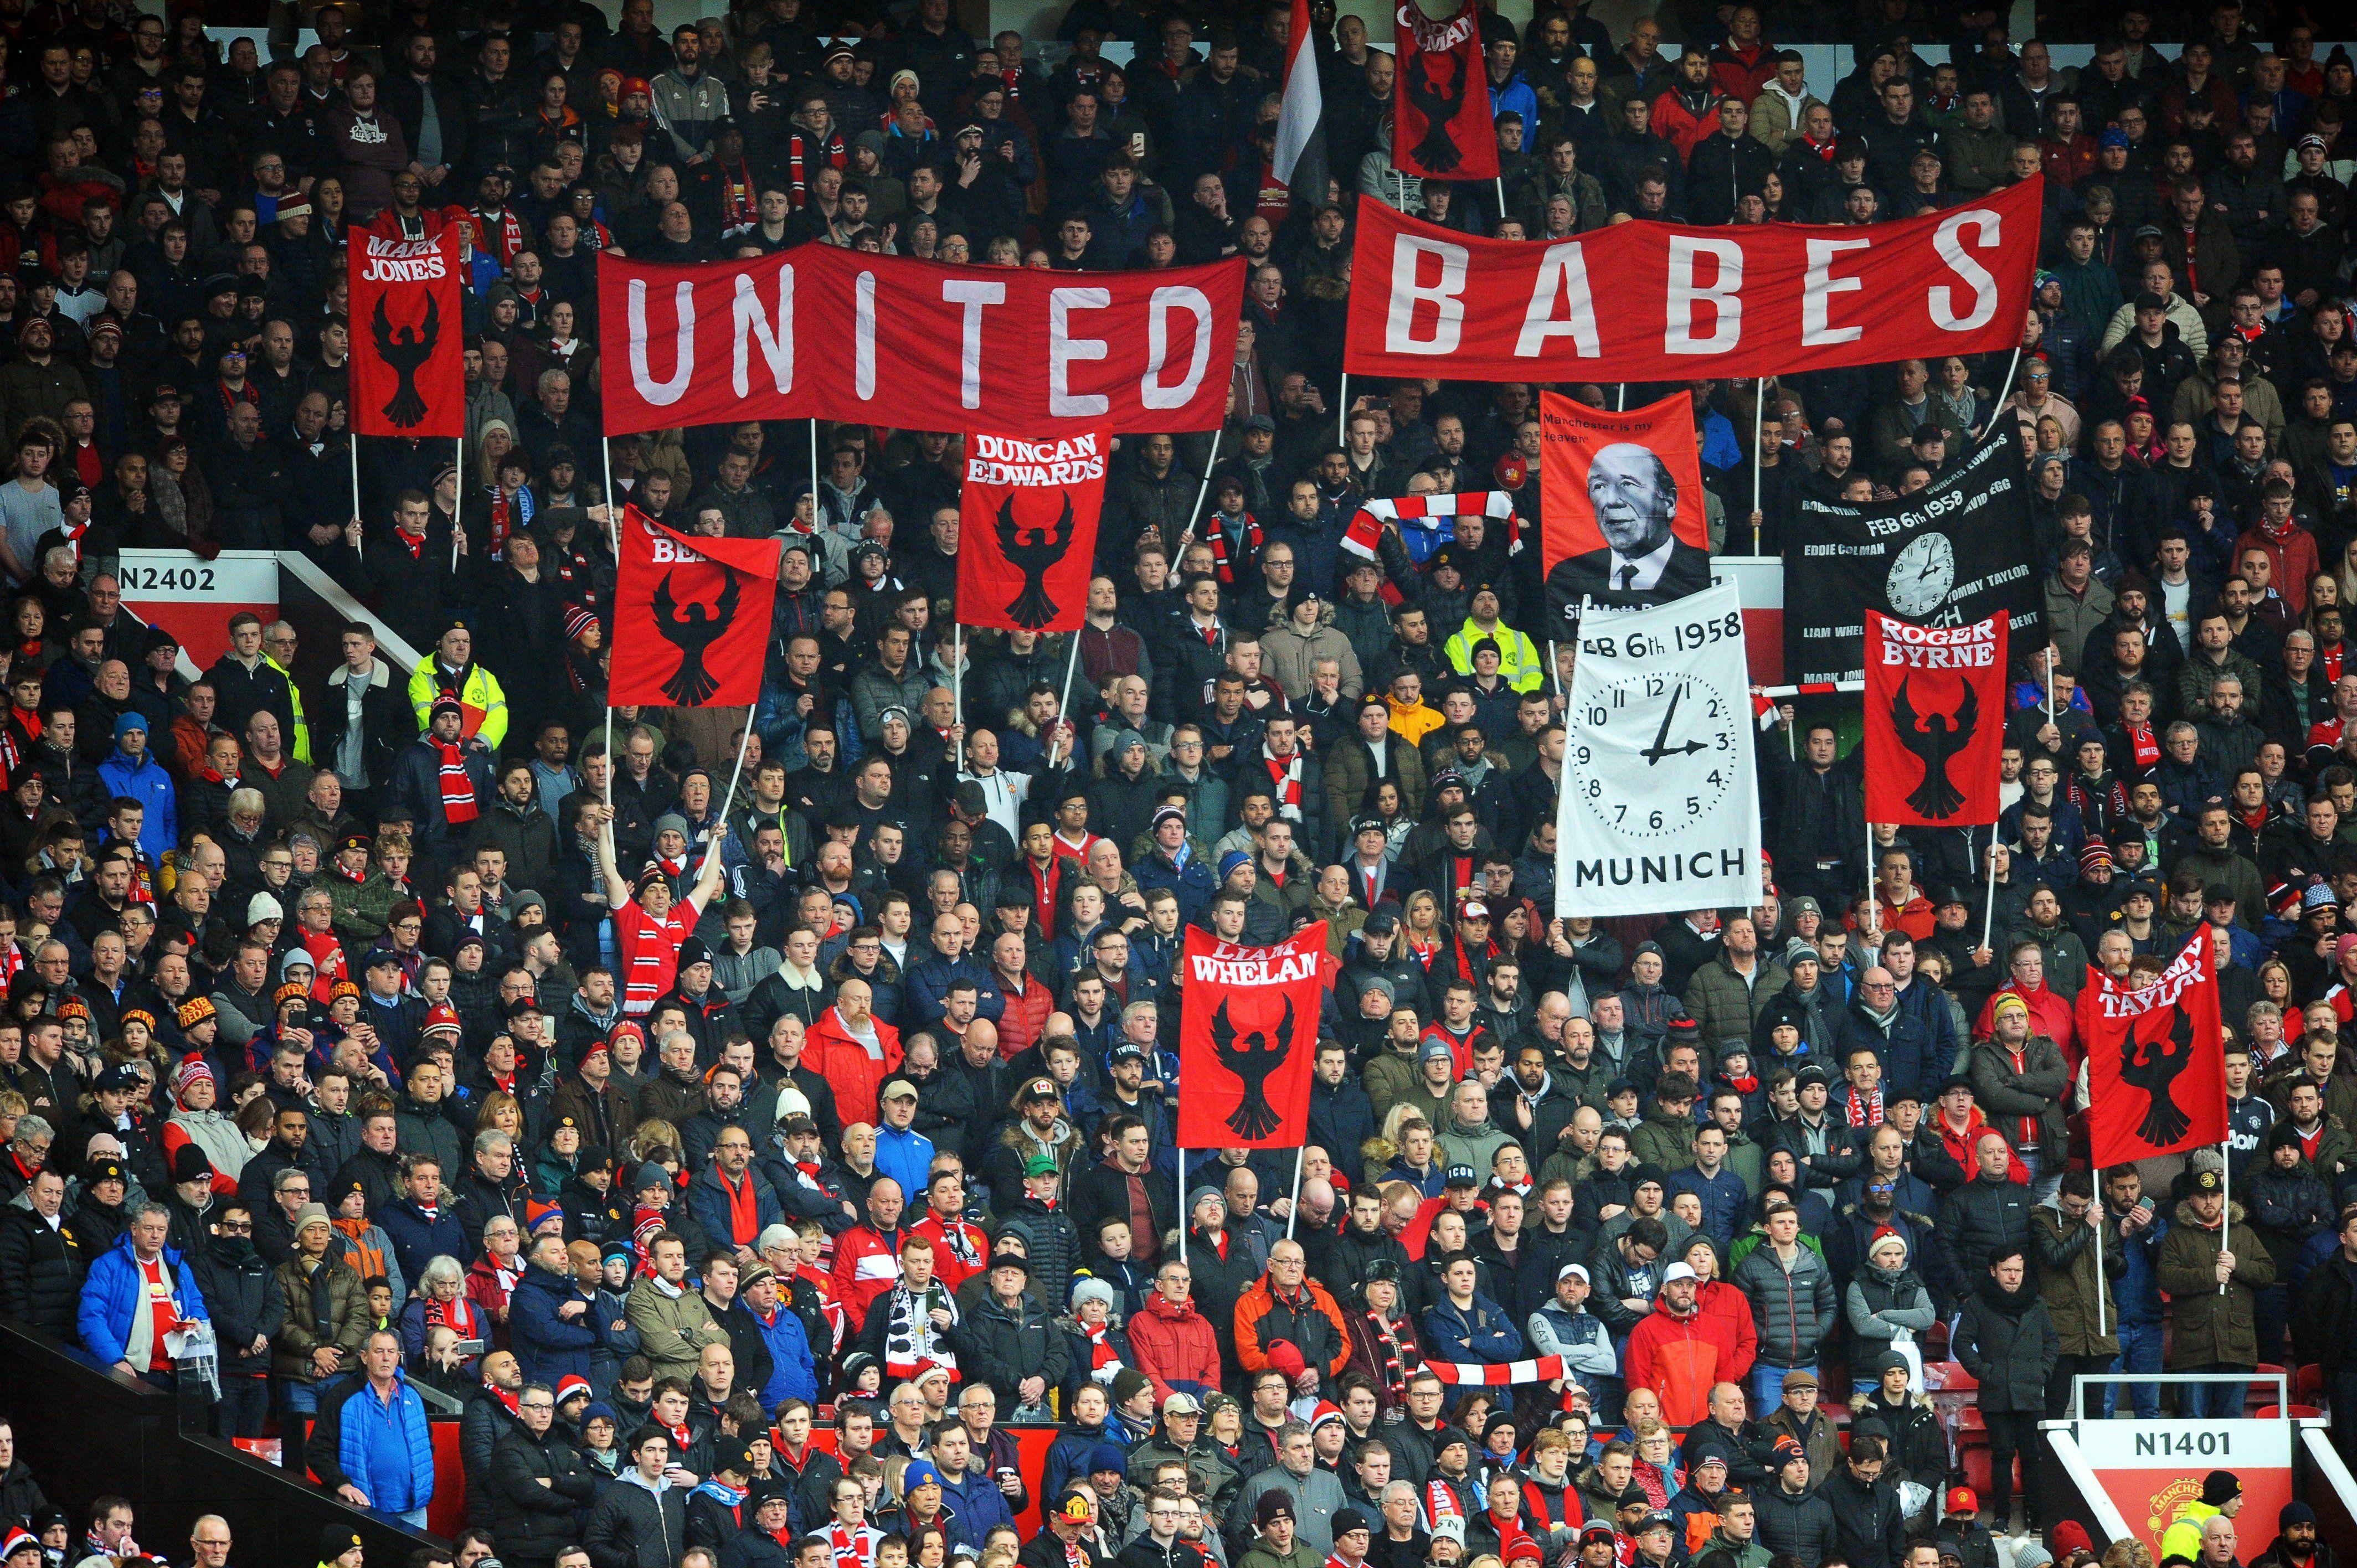 Hinchas del Manchester United durante el minuto de silencio. Foto: EFE